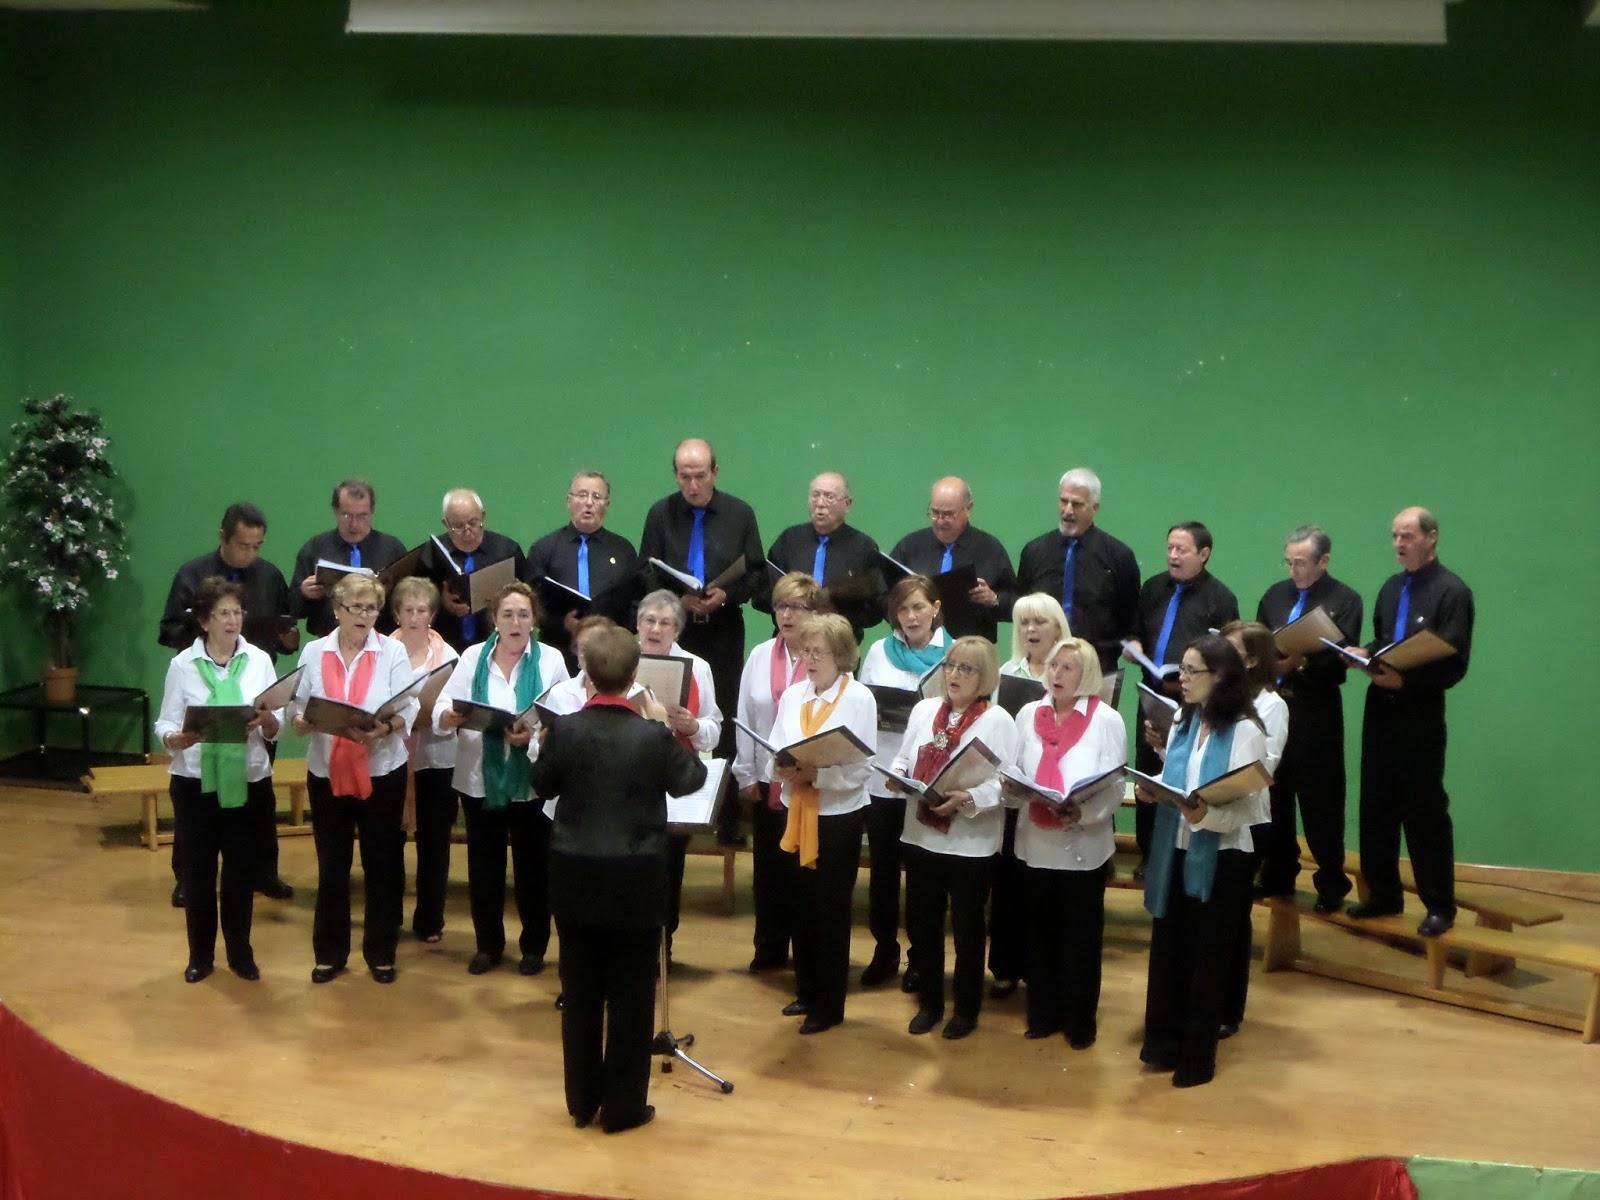 10º Aniversario del Coro Rubagón. Coro Rubagón